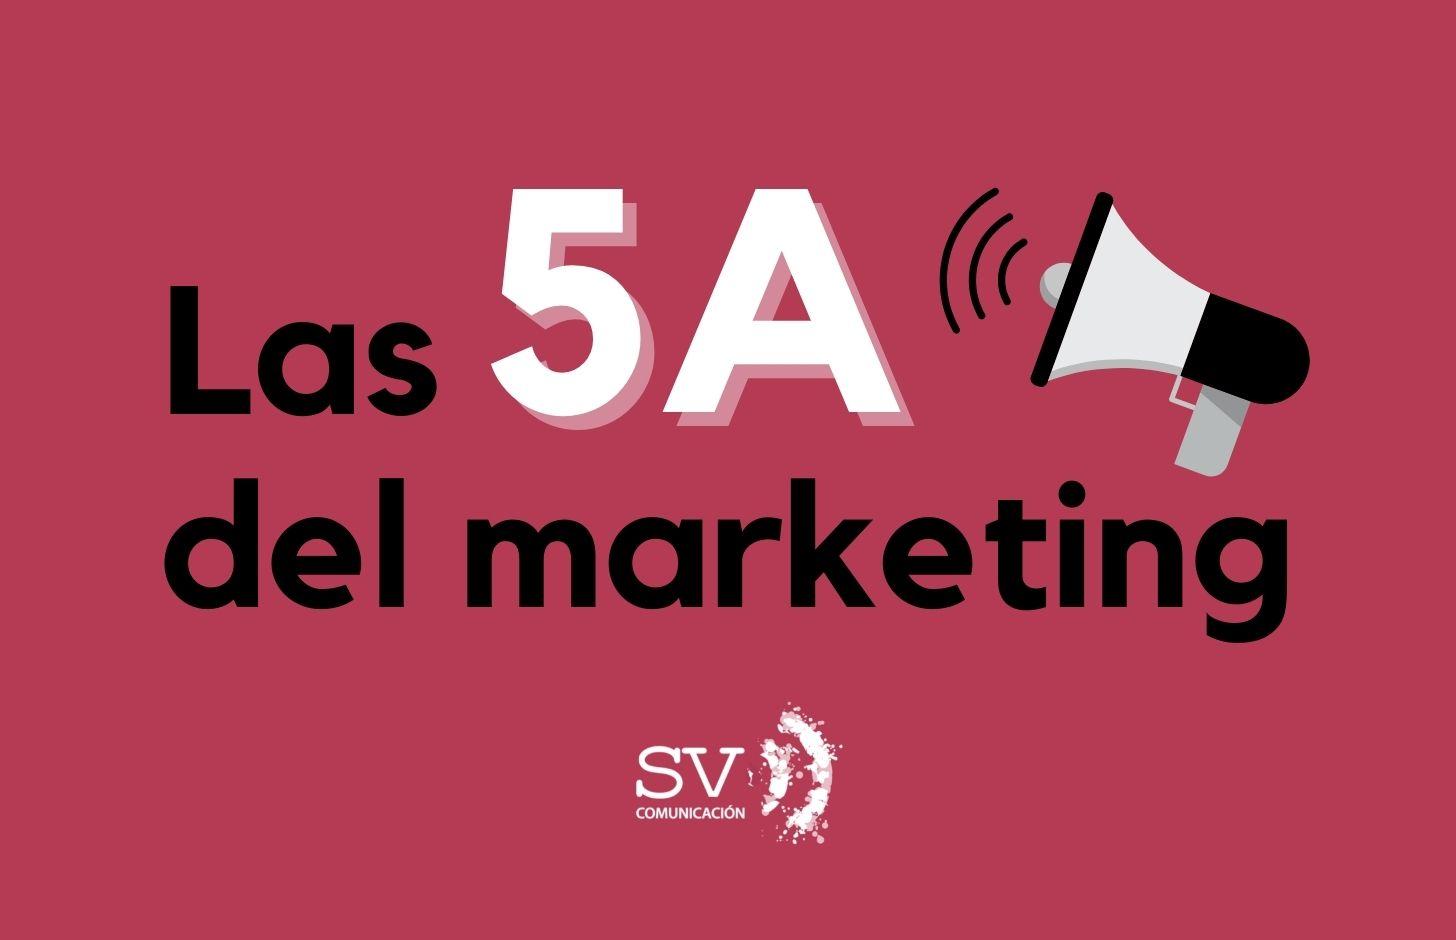 5A del marketing